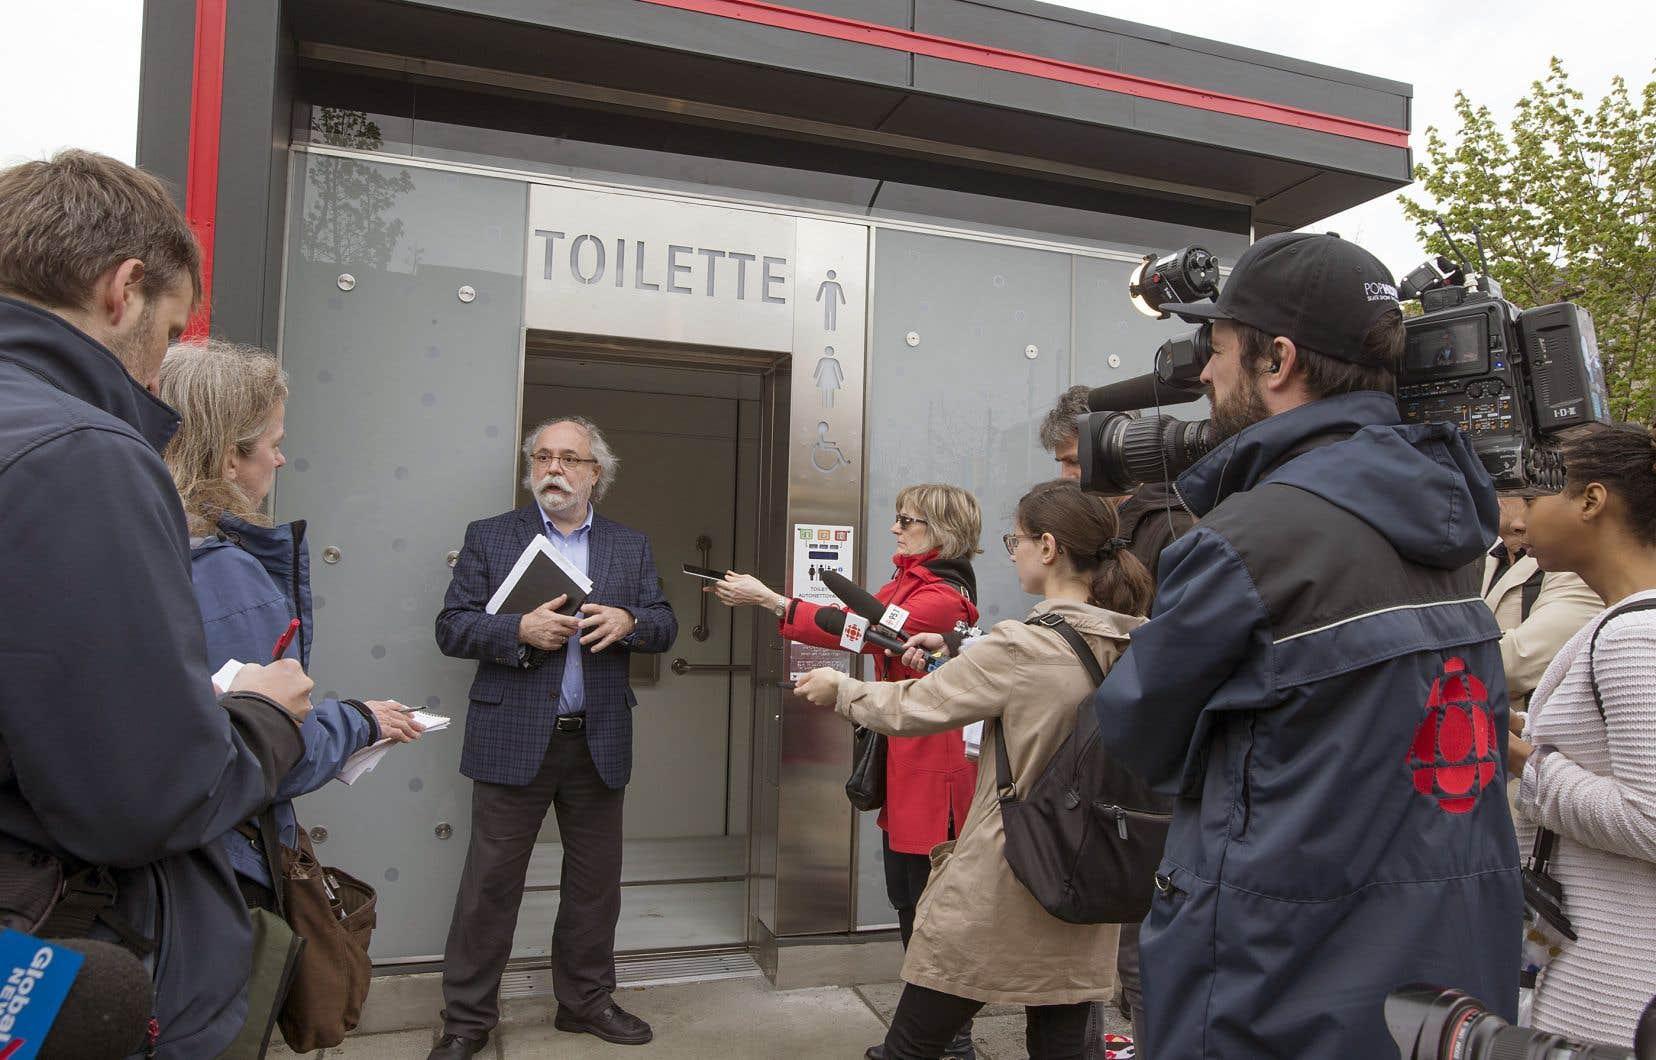 Les douze toilettes sont attendues notamment par les organismes communautaires depuis des années.